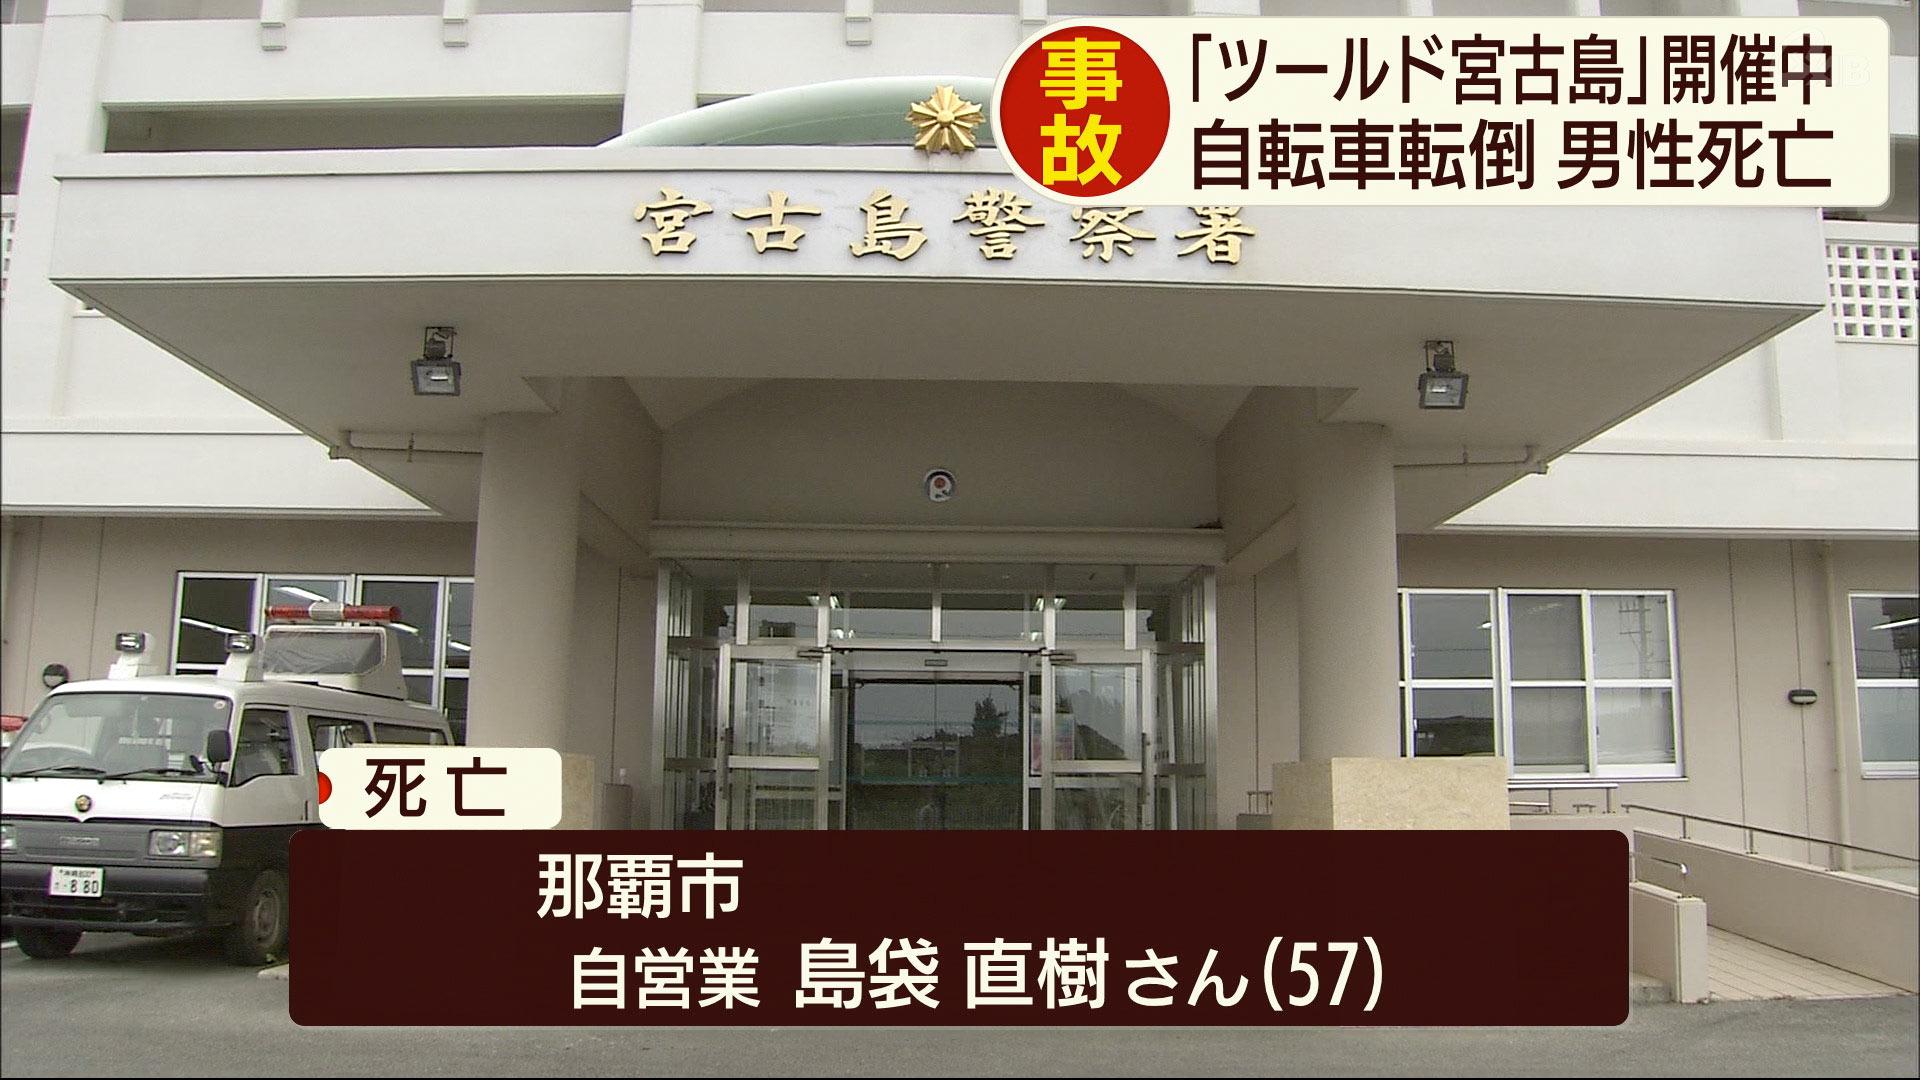 ツール・ド・宮古島で接触事故 5人死傷